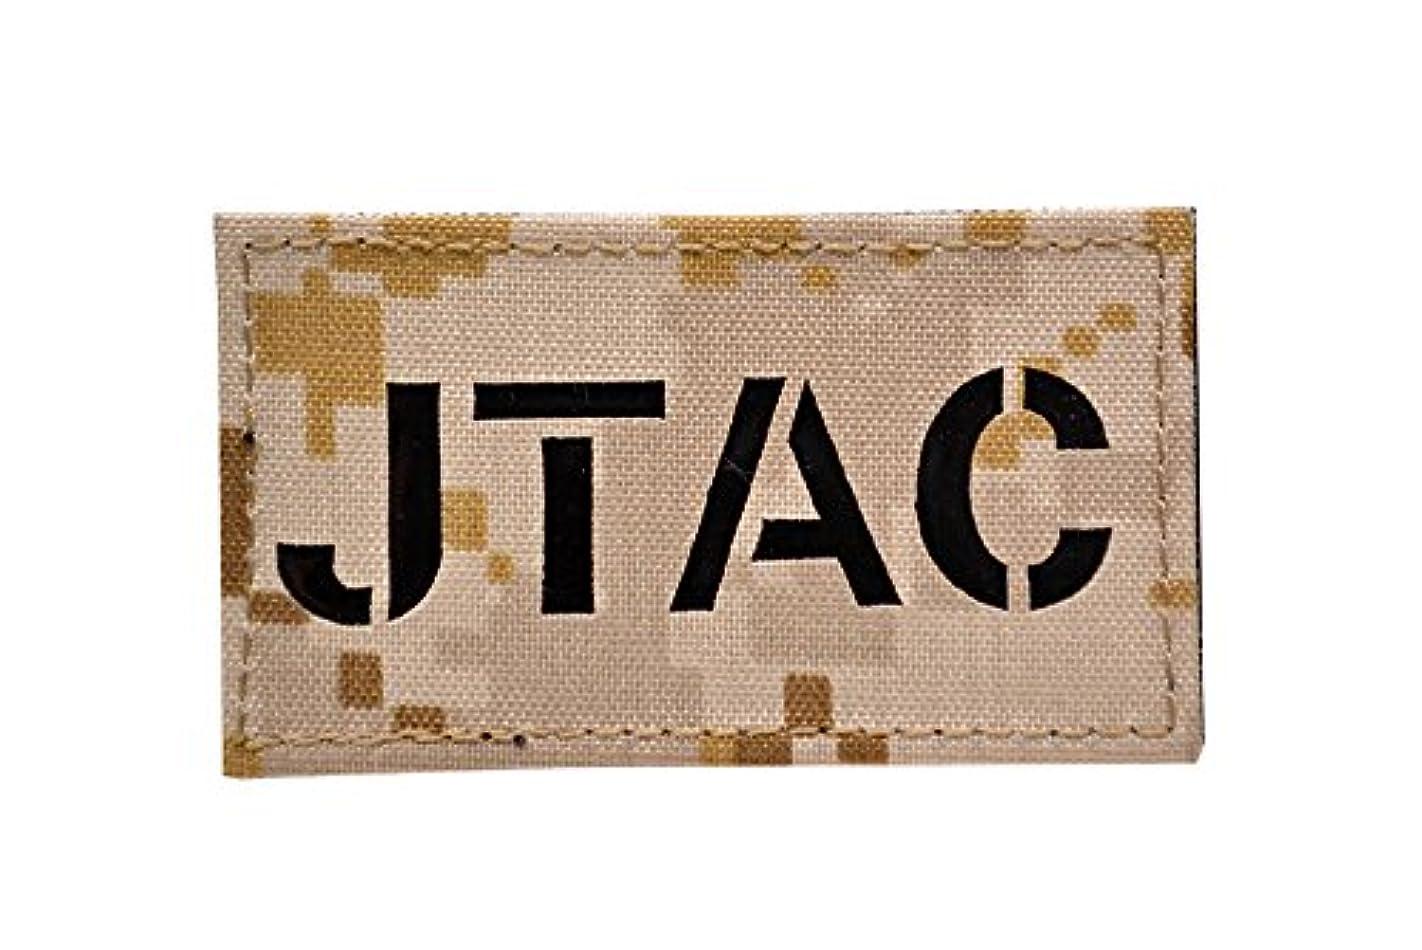 重量通り抜けるかかわらずEMERSON製 米空軍 JTAC 統合末端攻撃統制官 ワッペン パッチ ベルクロ付 AOR1迷彩